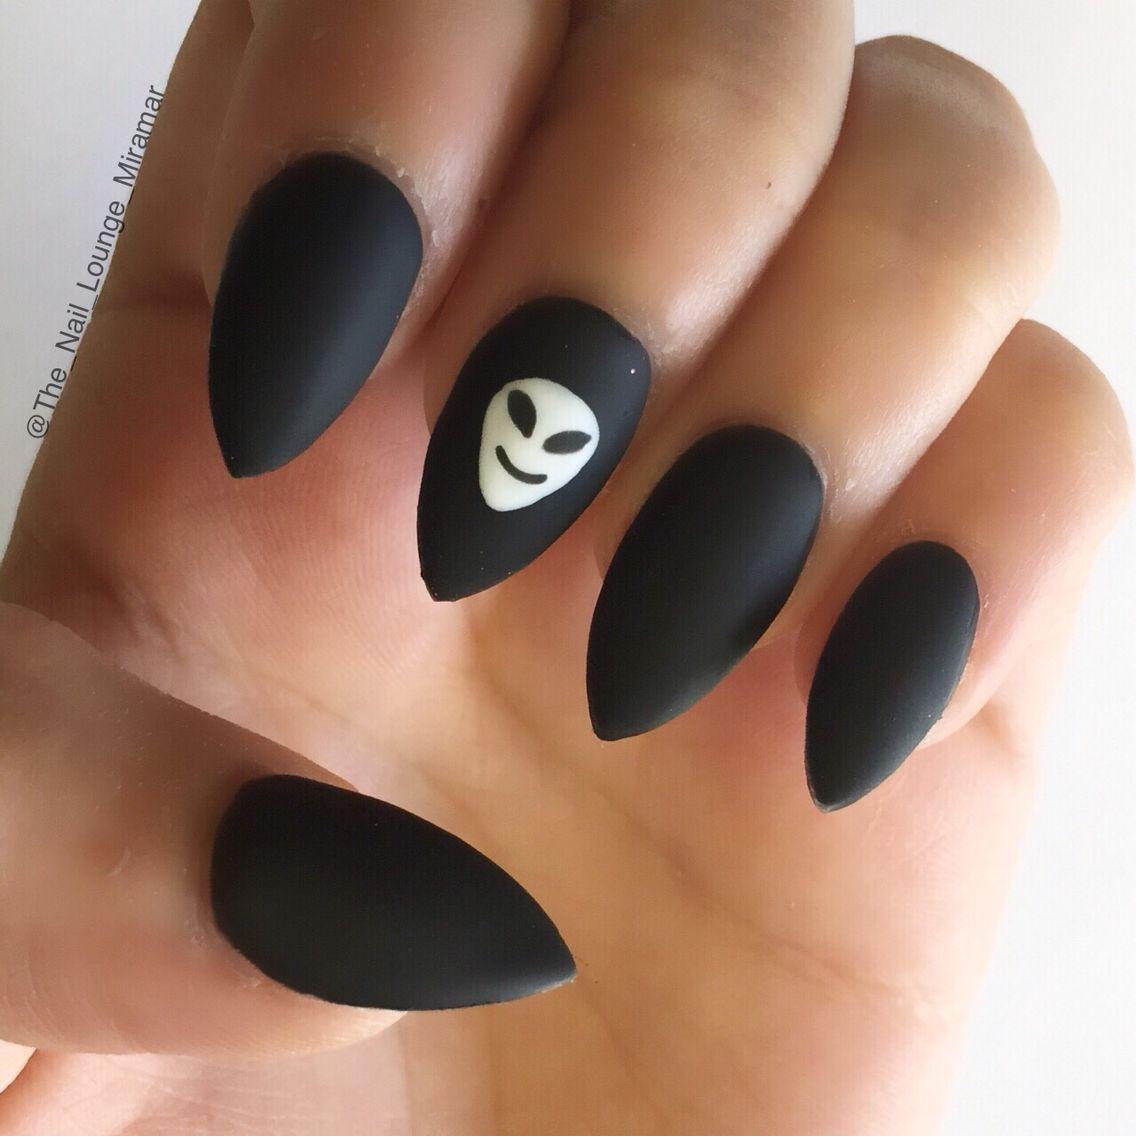 Matte black alien stiletto nails | Nail Art | Pinterest ...